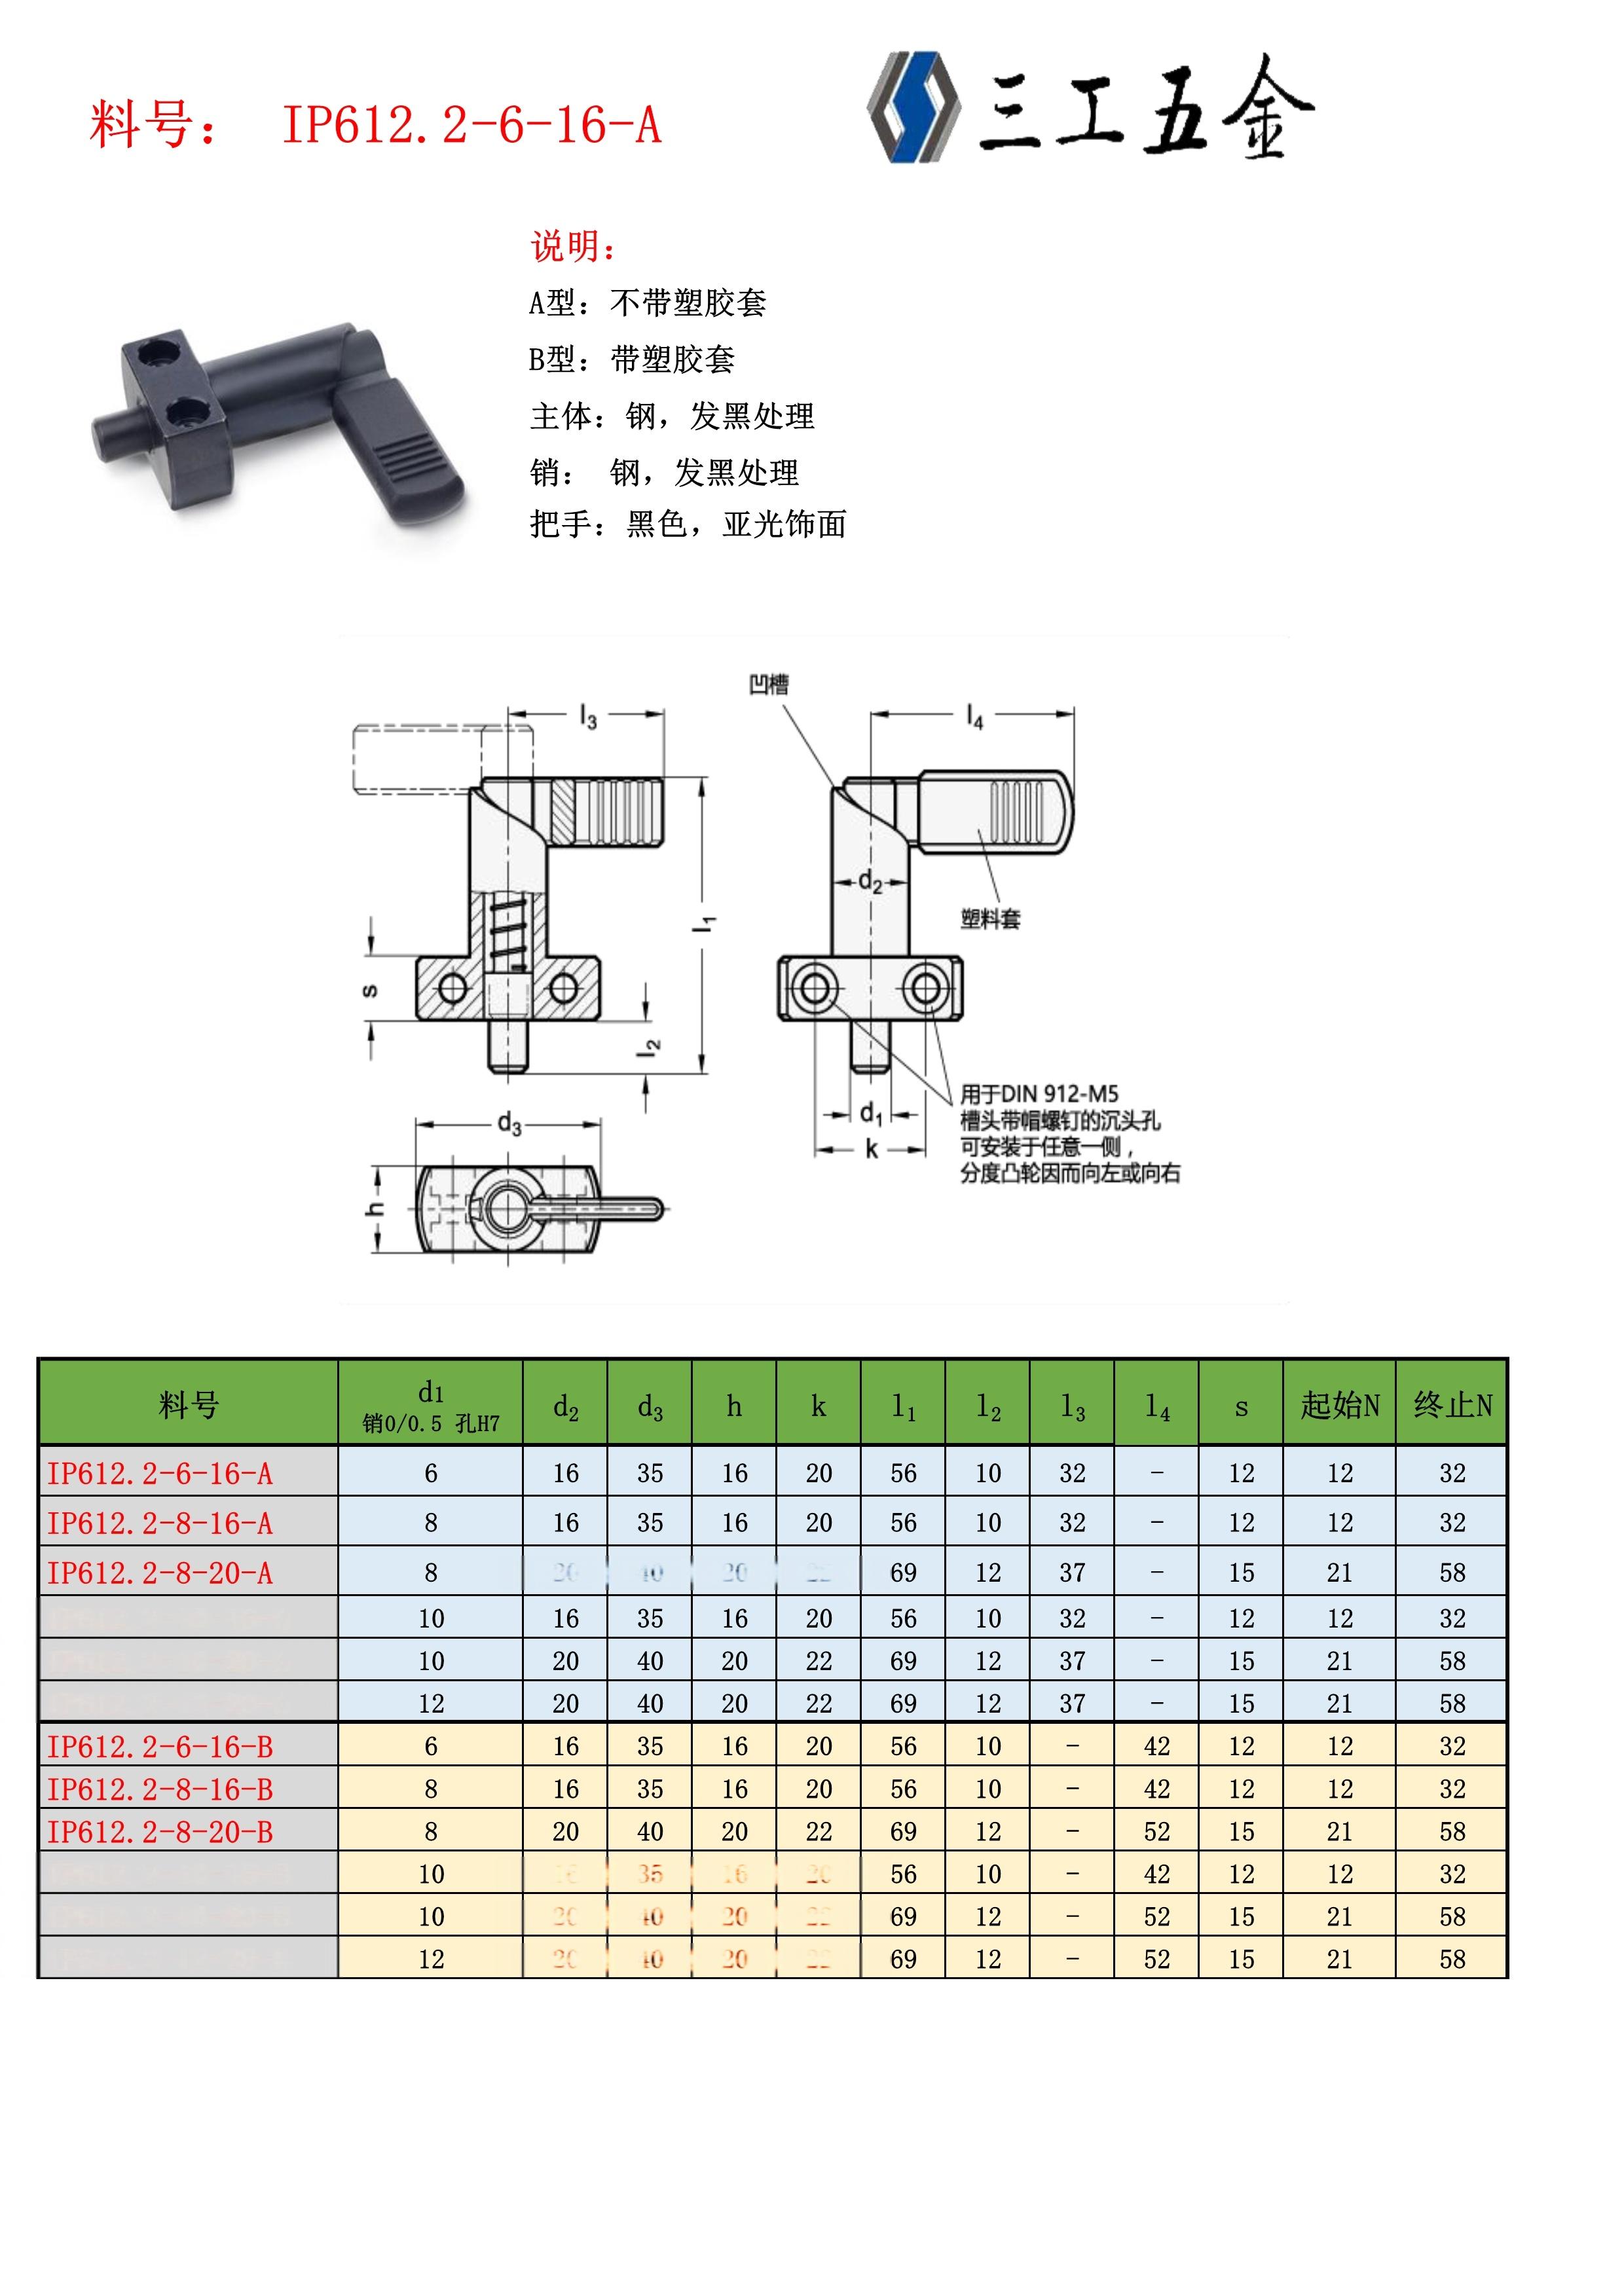 IP612.2-6-16-A.jpg